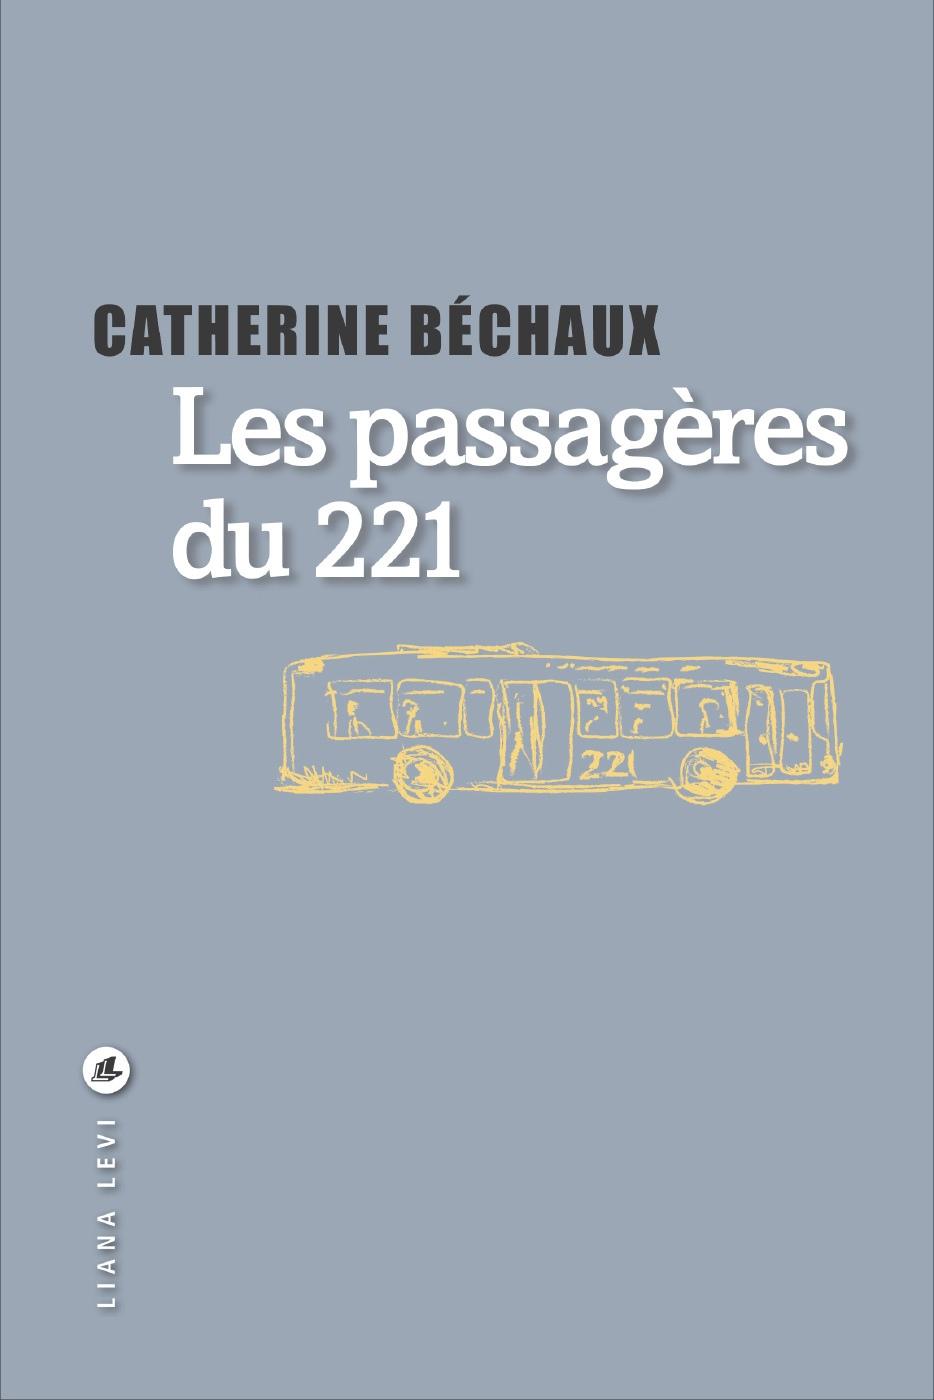 Les passagères du 221